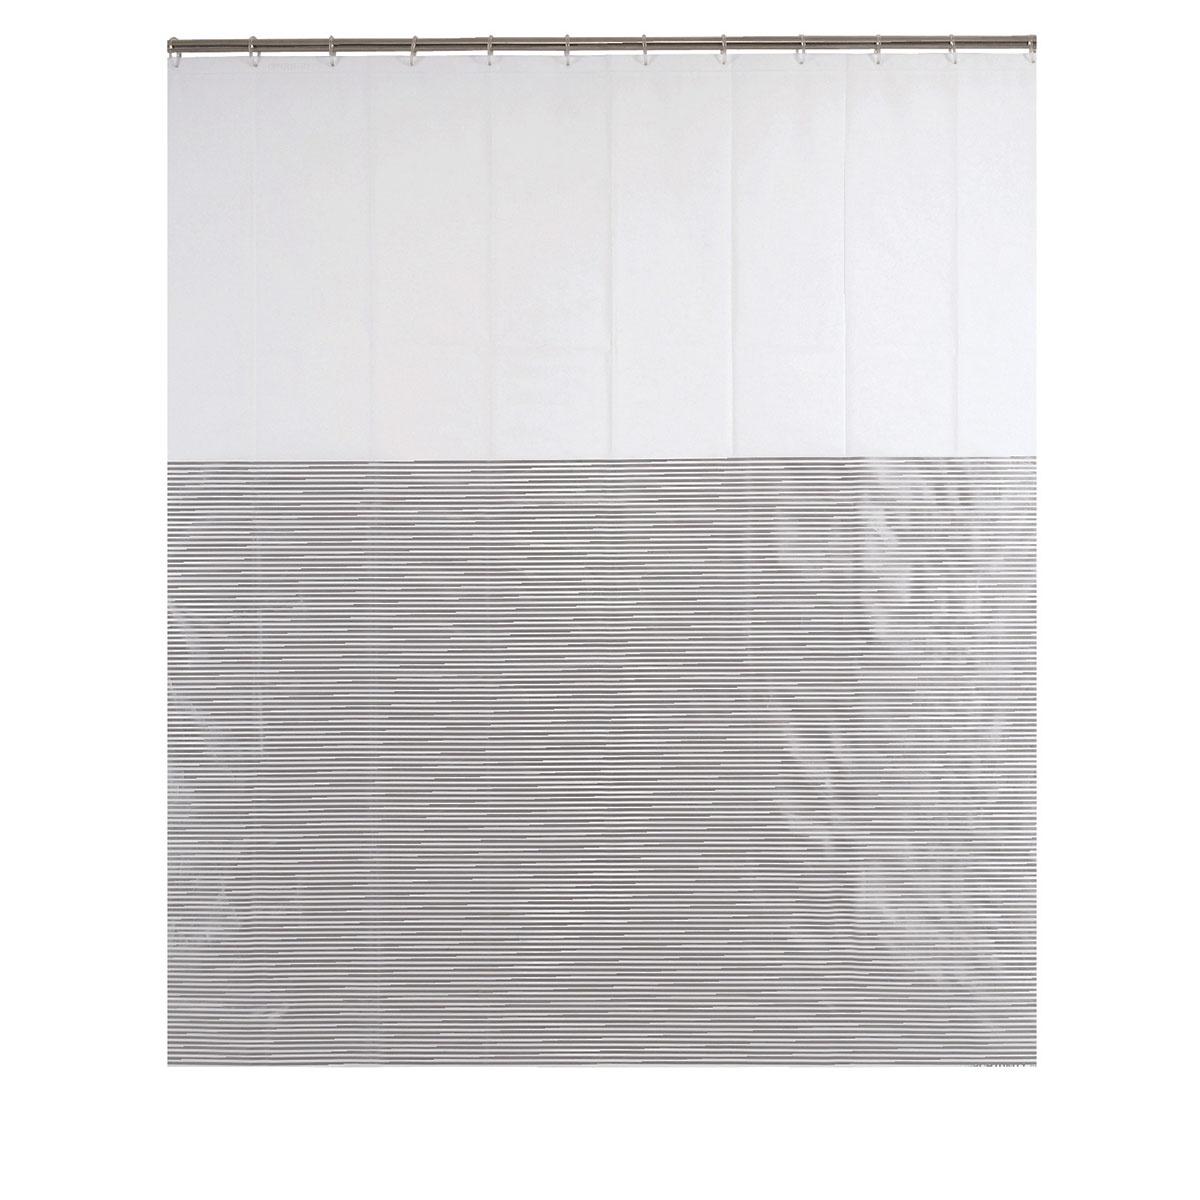 Rideau de douche à fines rayures argentées (Blanc Argent)